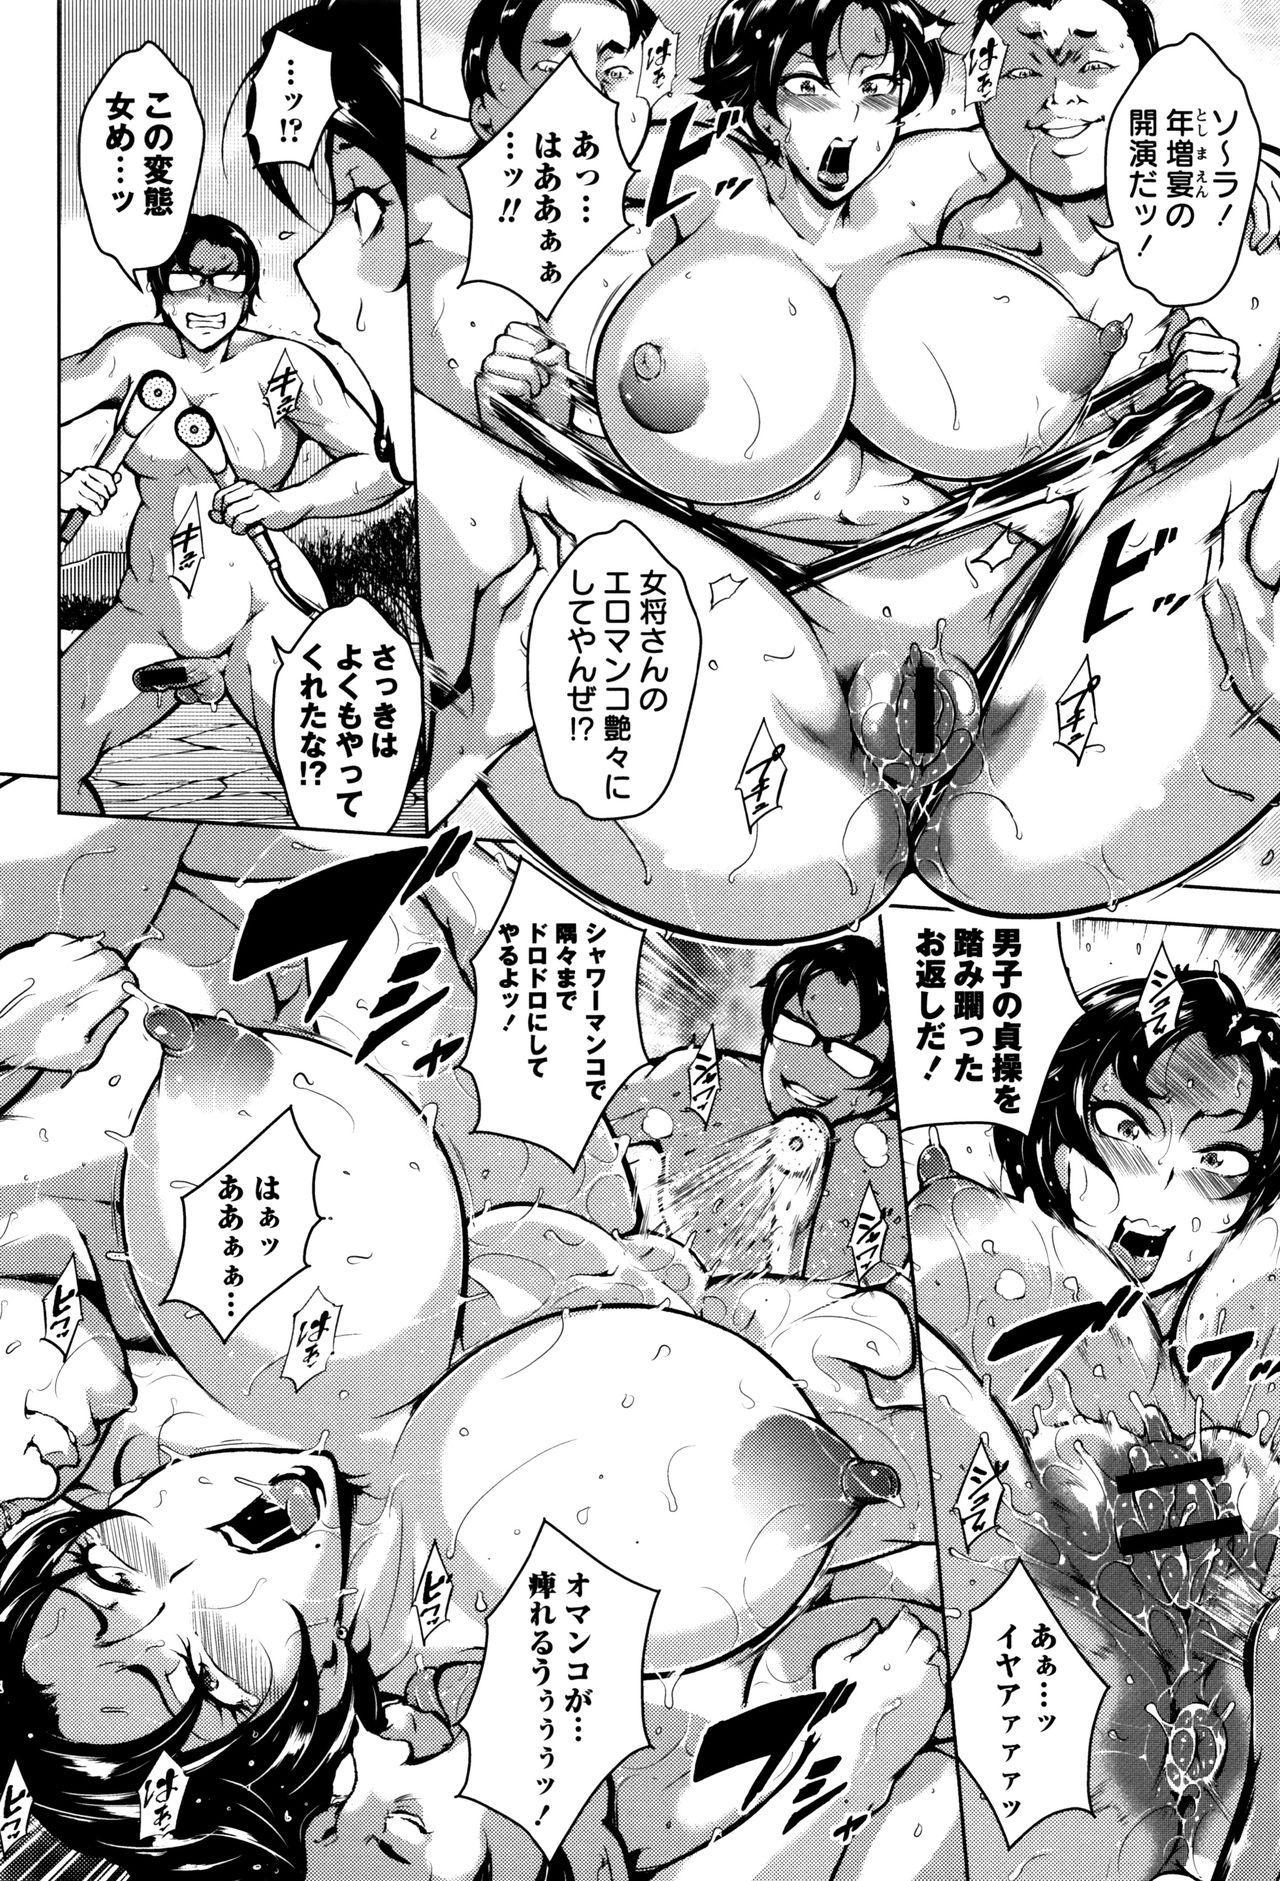 Ero BBA ♥ Dosukebe Ha Sengen 77